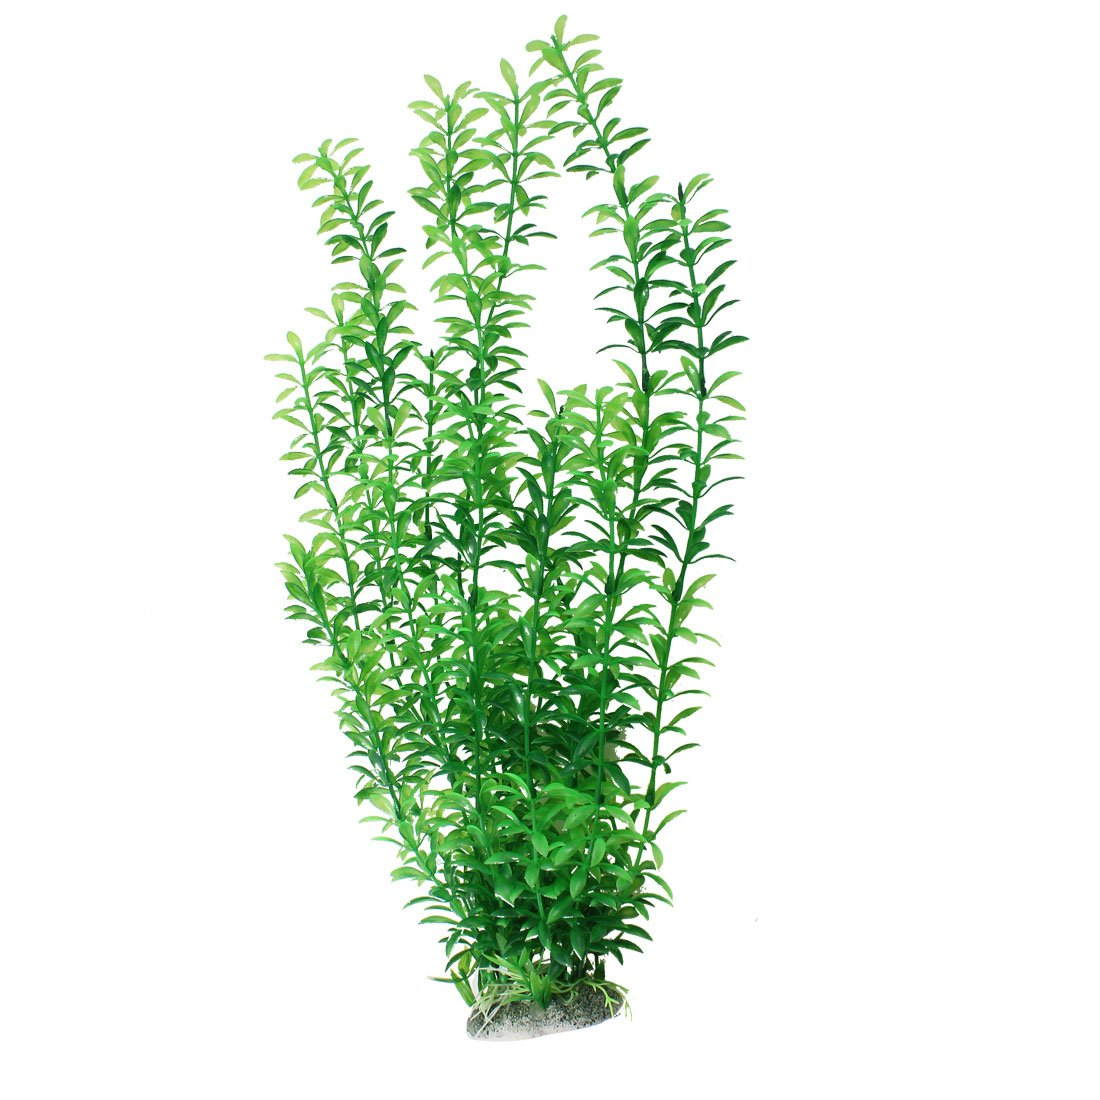 Plastic underwater aquarium grass plant decor 18 5 inches for Plastic pond plants